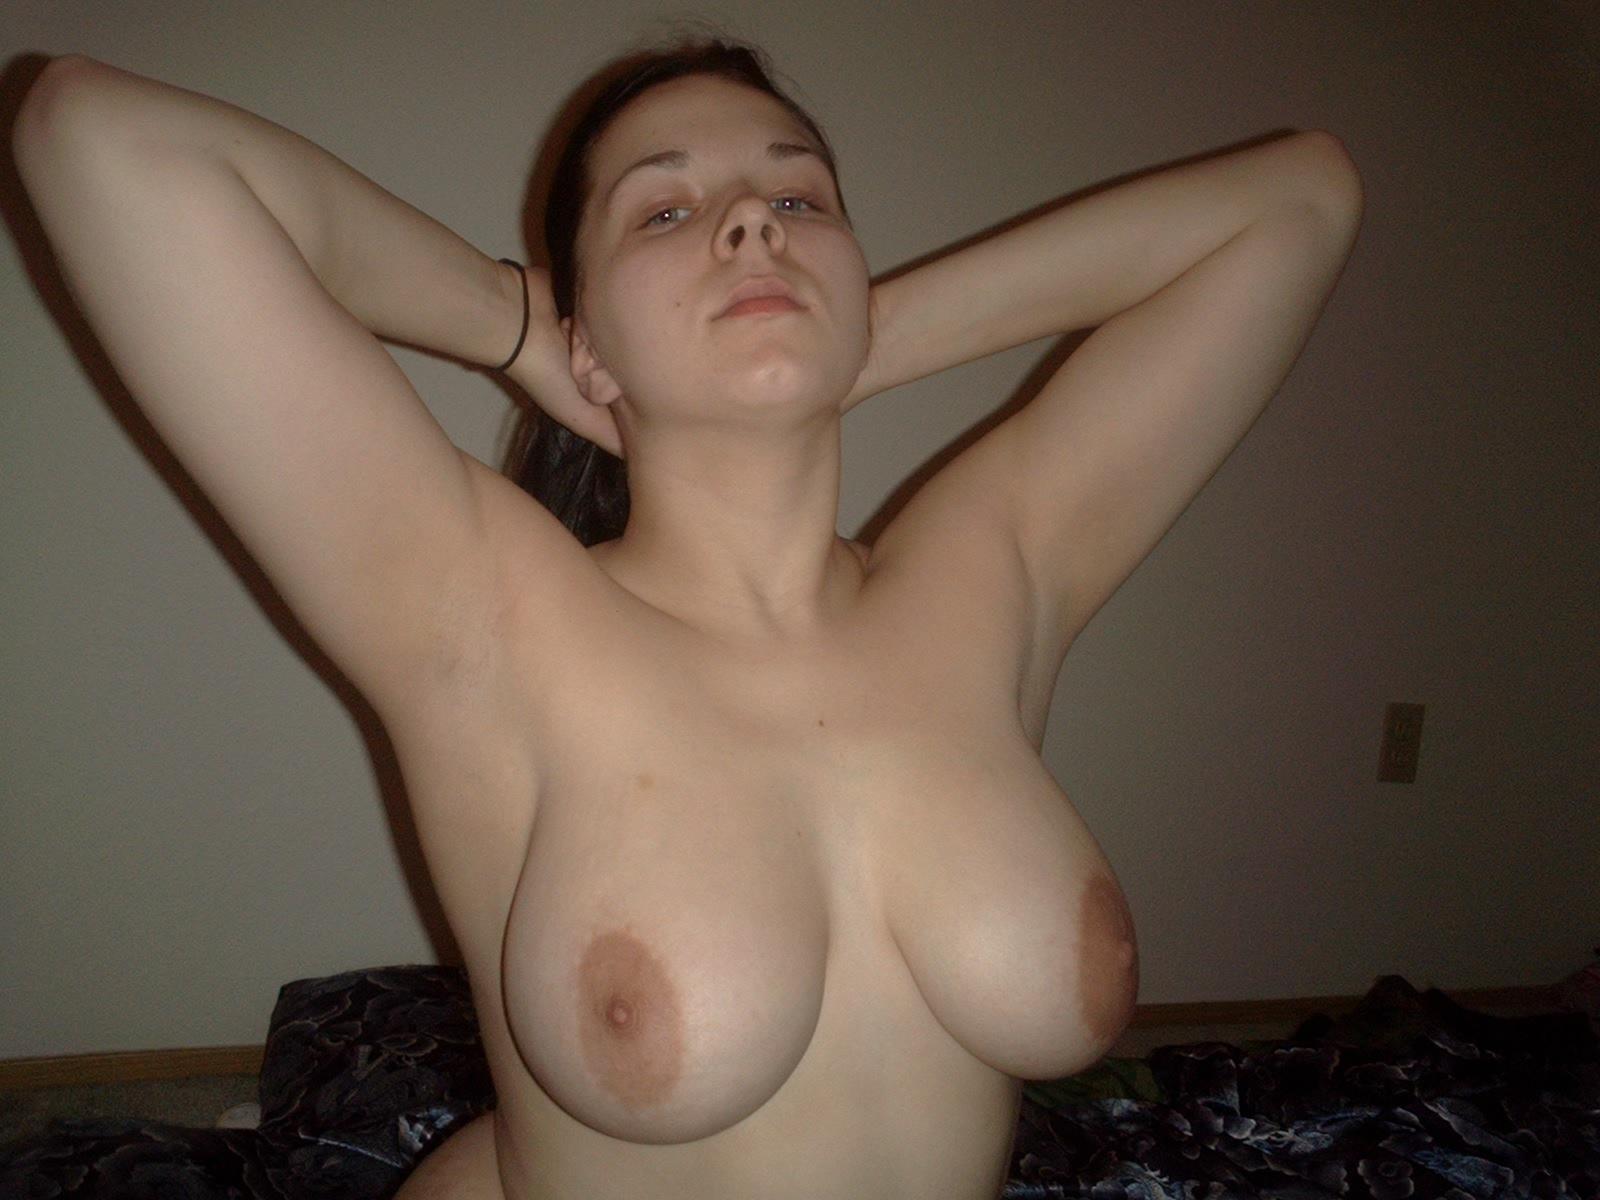 Ass tattoo girls nude asian